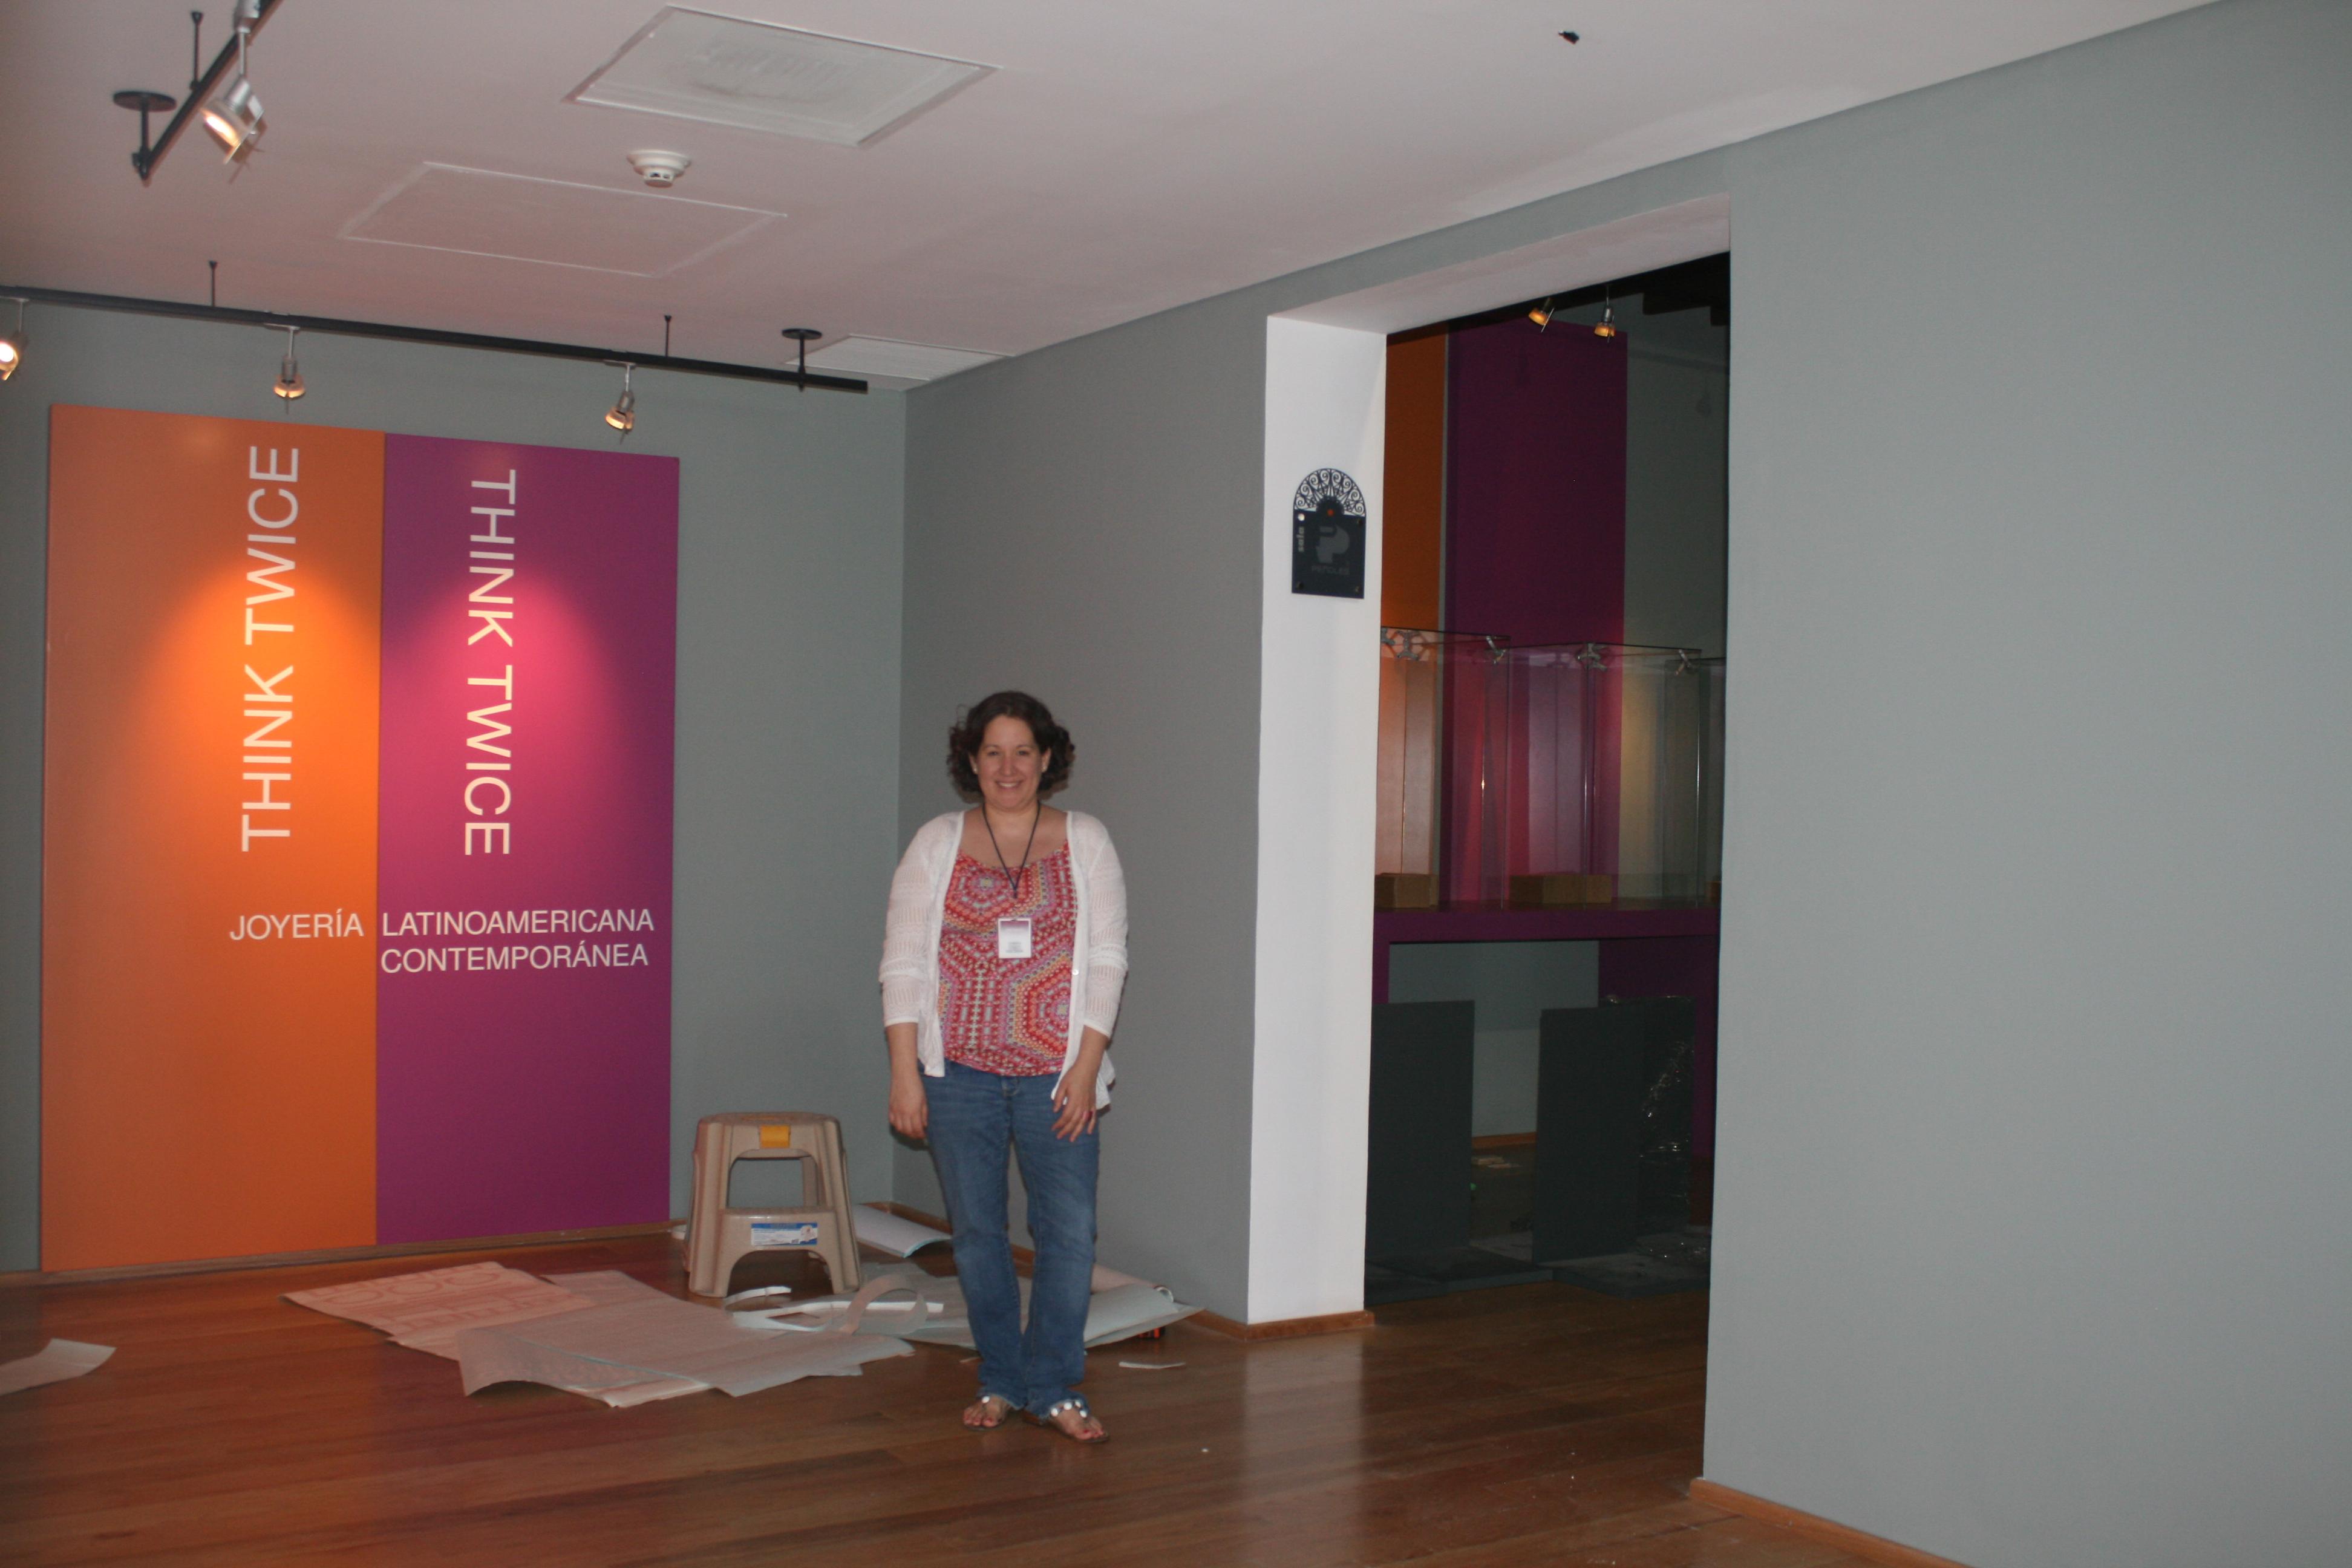 Valeria Vallarta Siemelink richt Think Twice in, Museo Arocena, Torreón, 2014, portret, tentoonstelling, foto Hes Siemelink